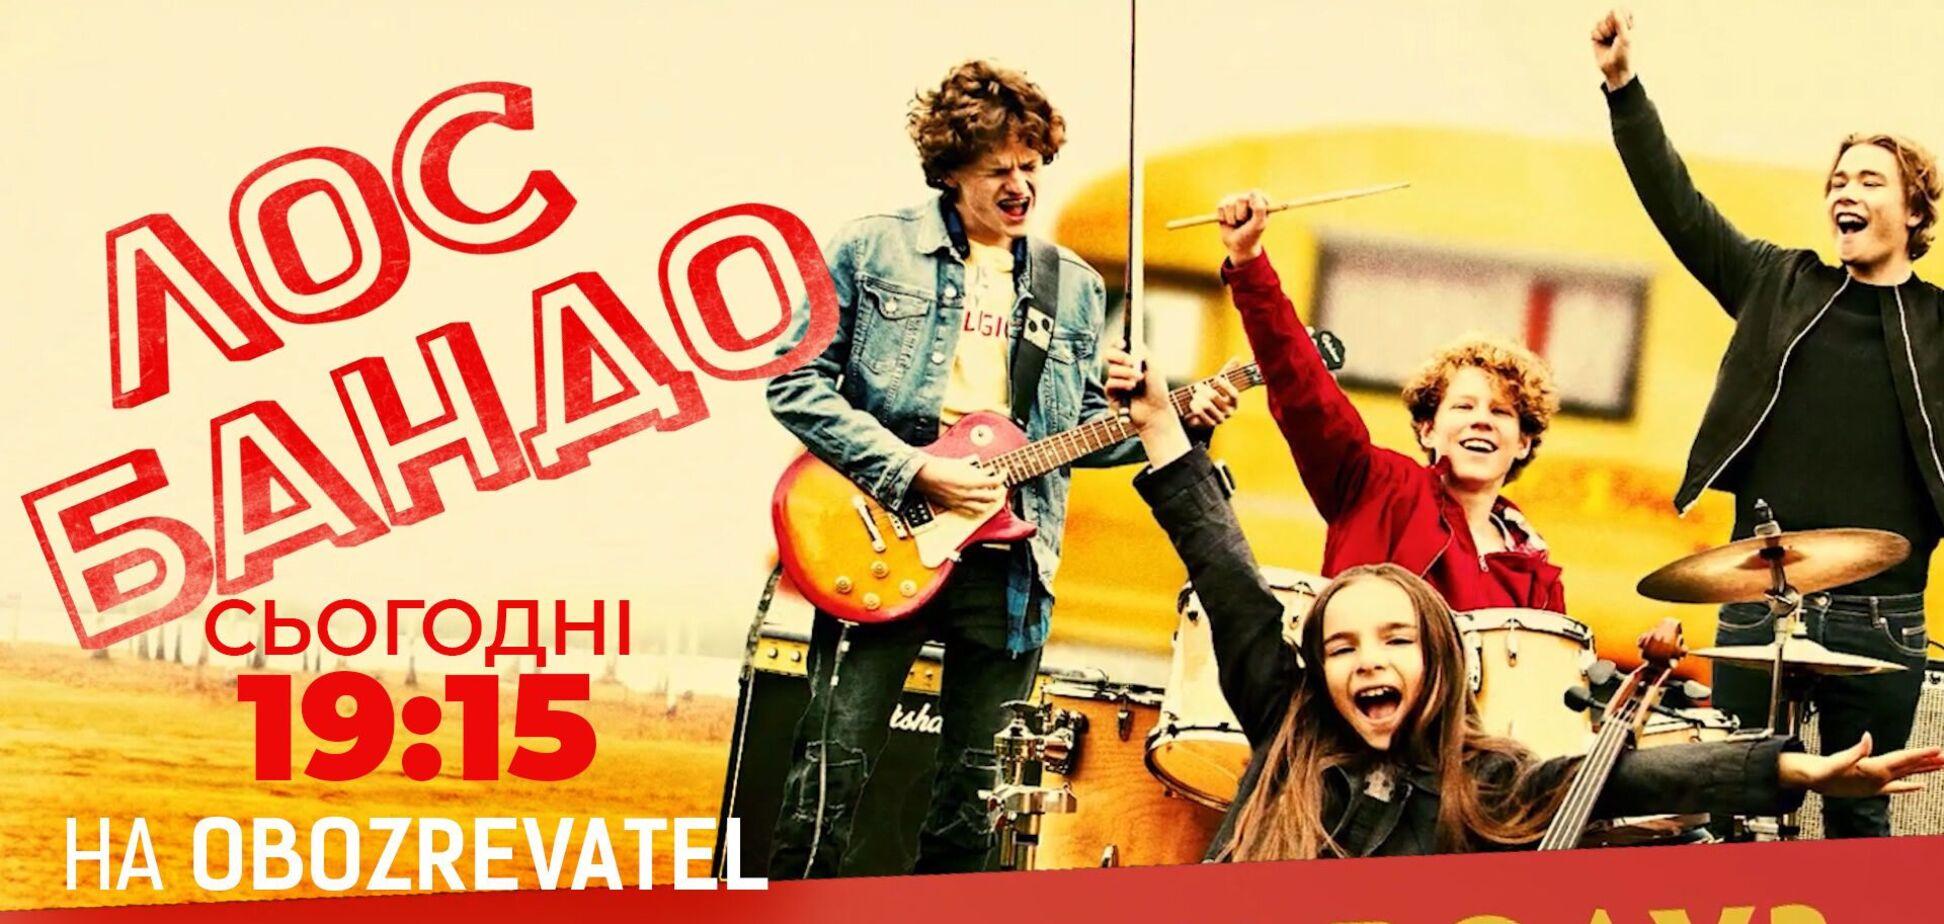 'Лос Бандо' – о 19:15 чудовий дитячий фільм на OBOZREVATEL